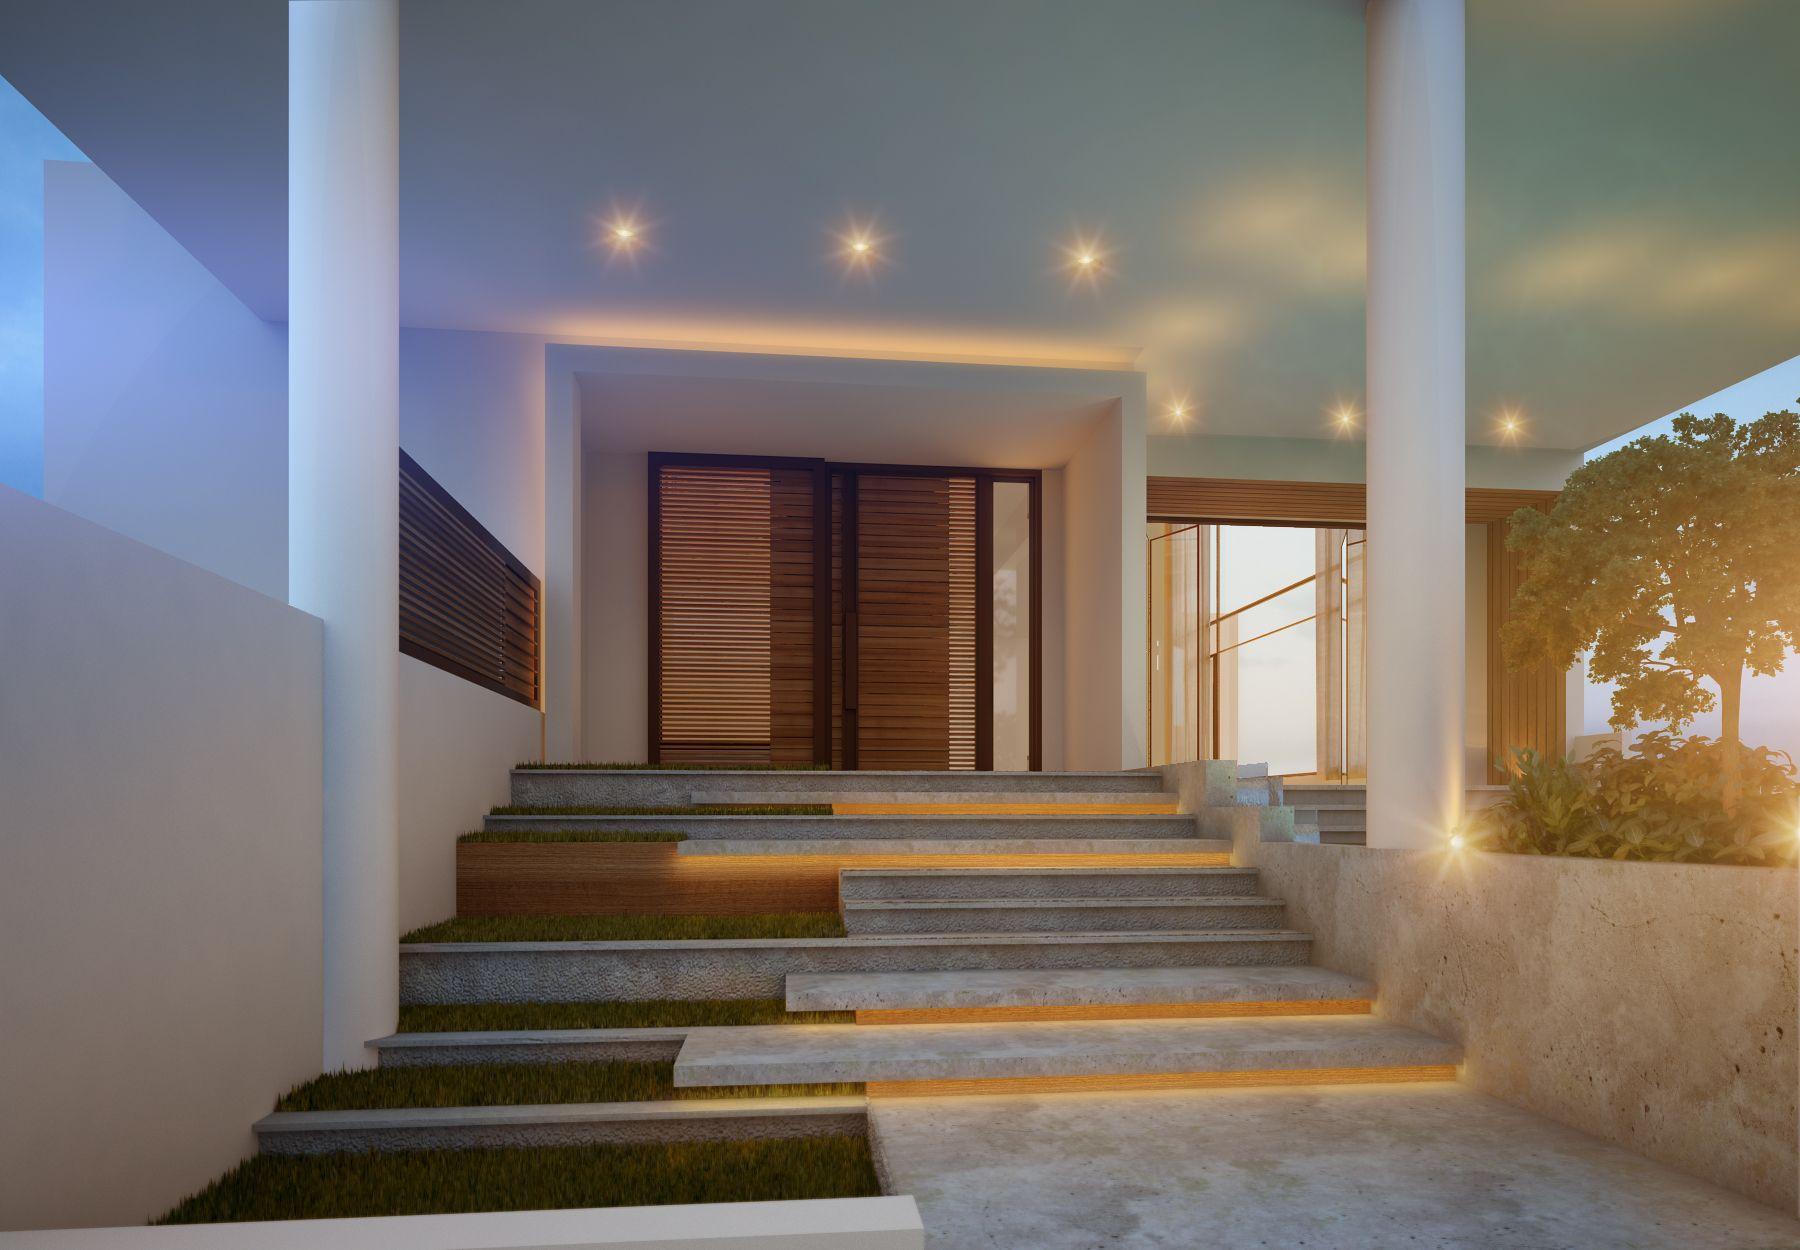 Best Main Entrance 375 M Kuwait By Sarah Sadeq Architects 640 x 480